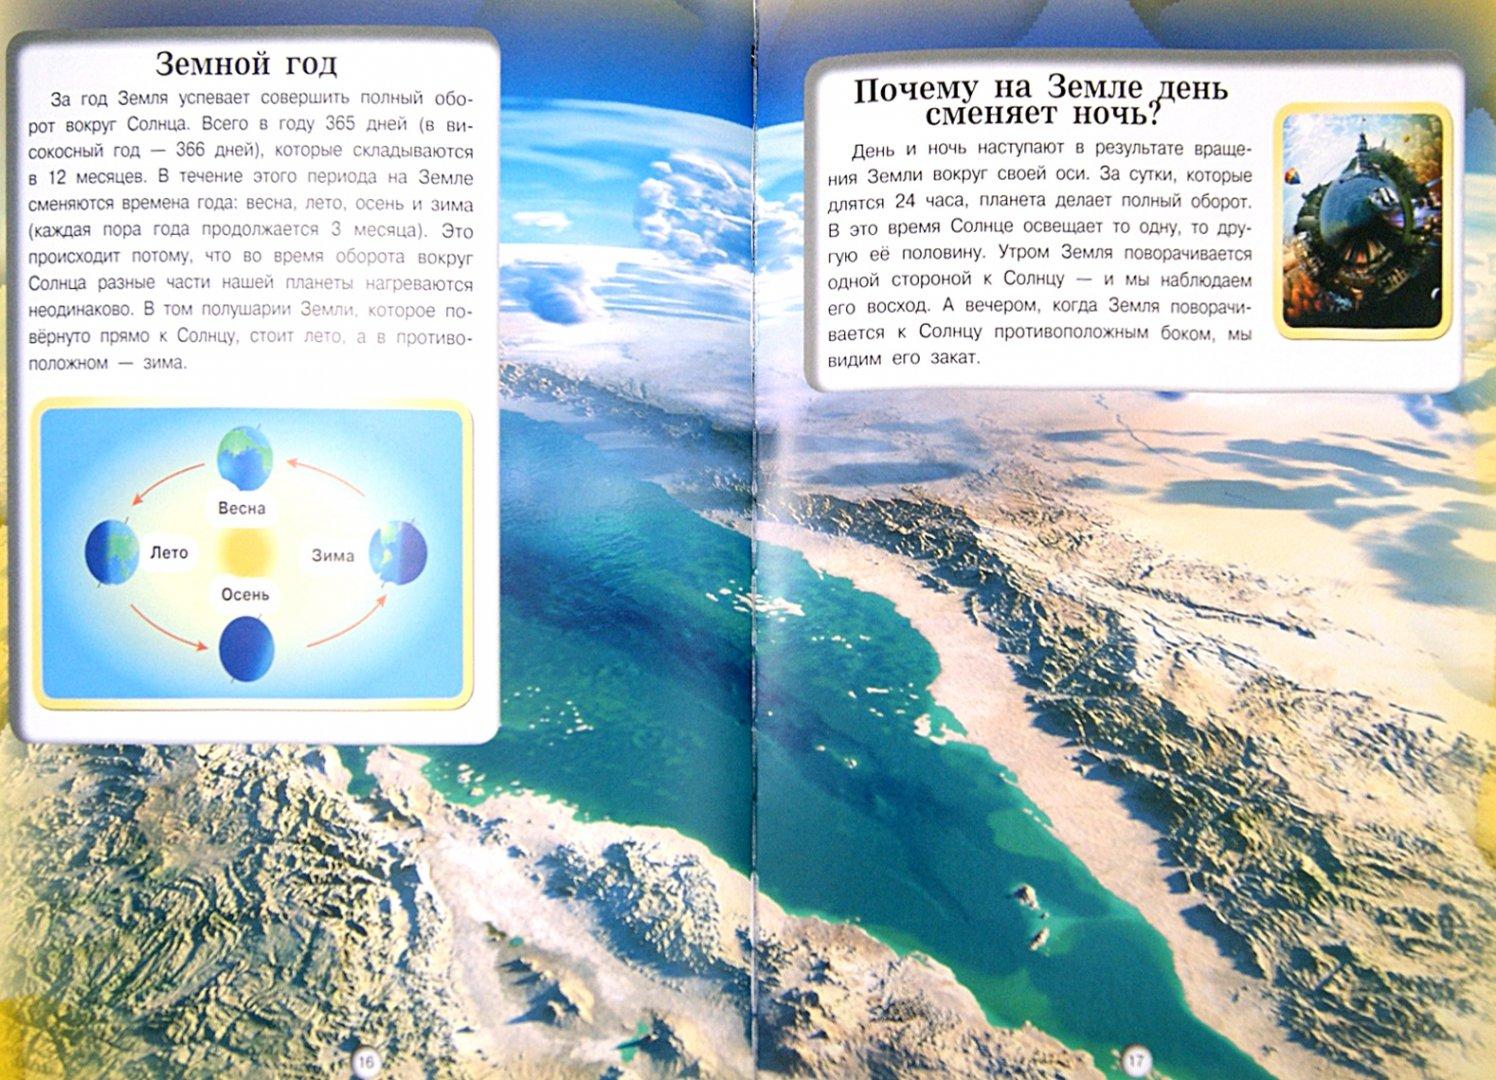 Иллюстрация 1 из 10 для Космос - Д. Кошевар   Лабиринт - книги. Источник: Лабиринт